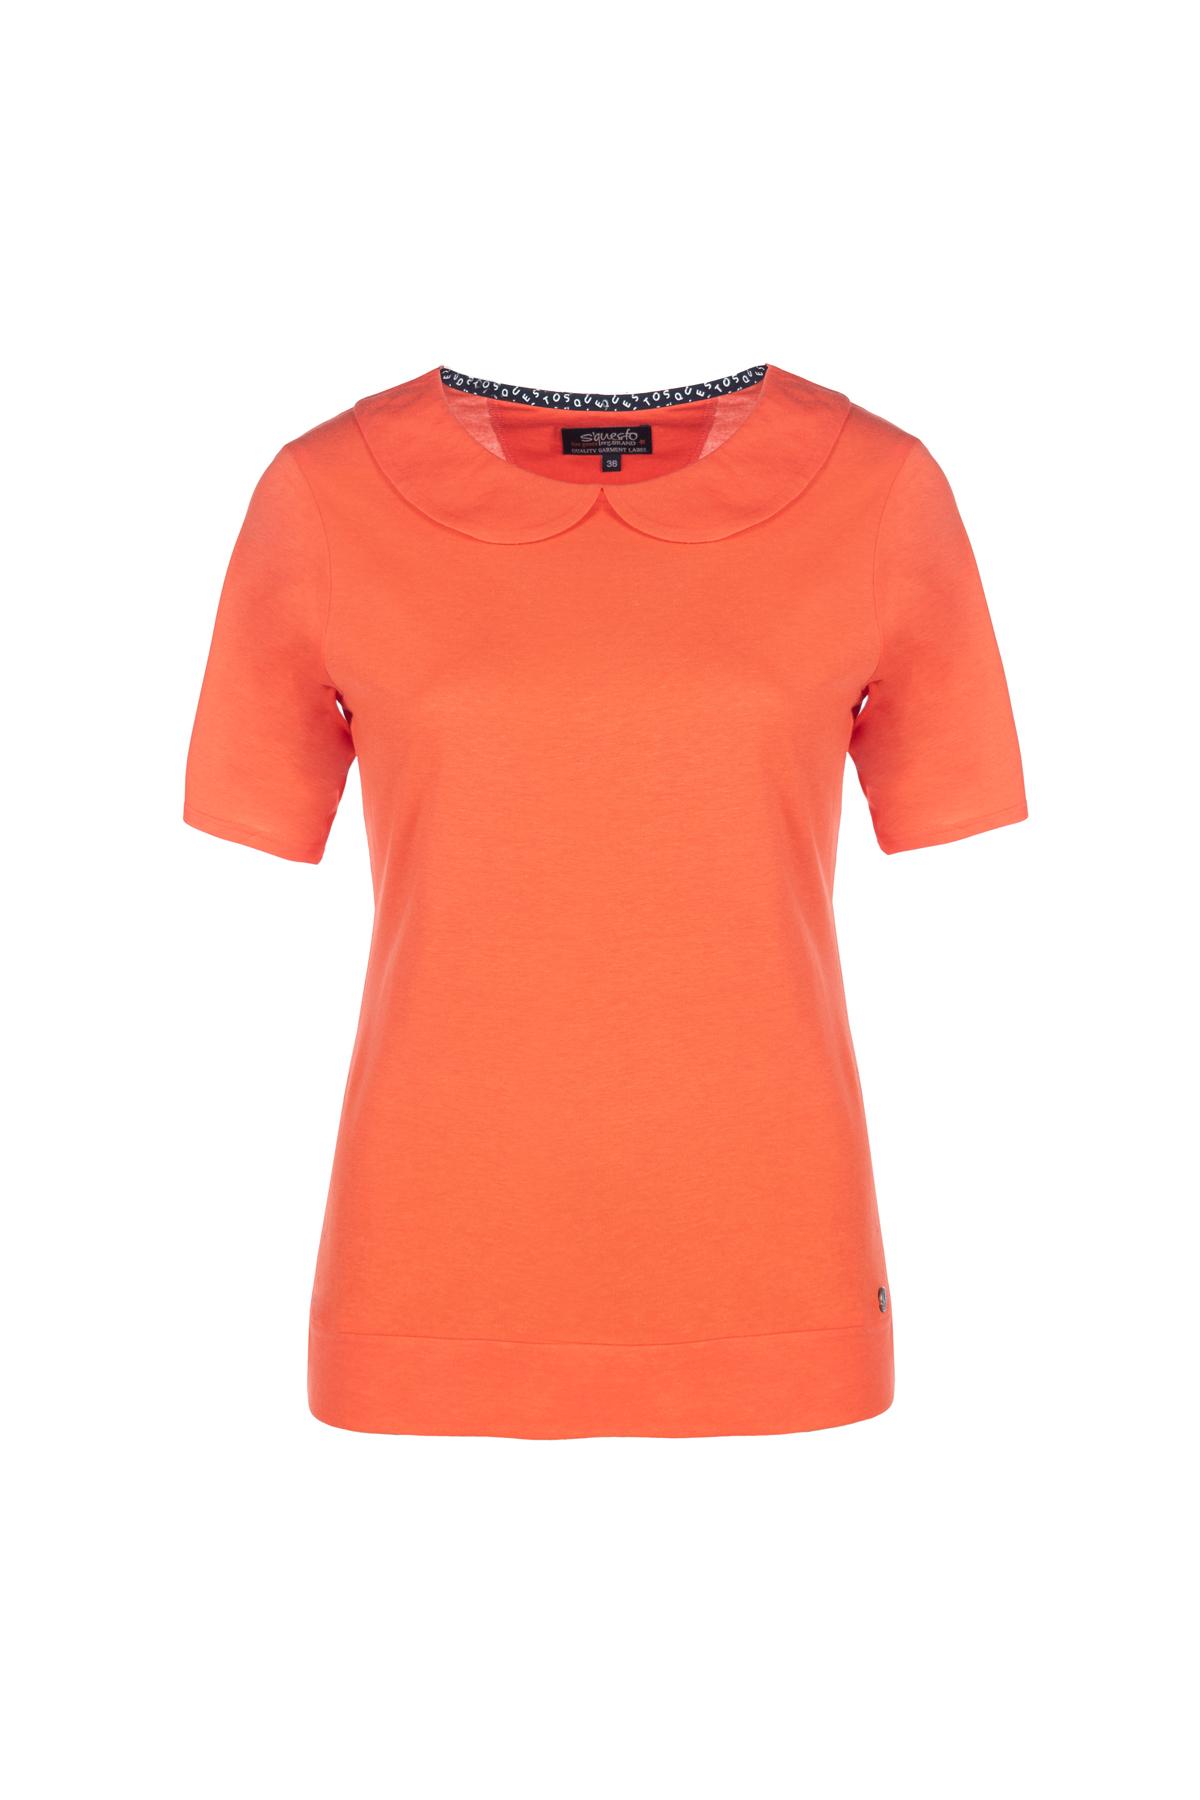 Soquesto Shirt Kersten